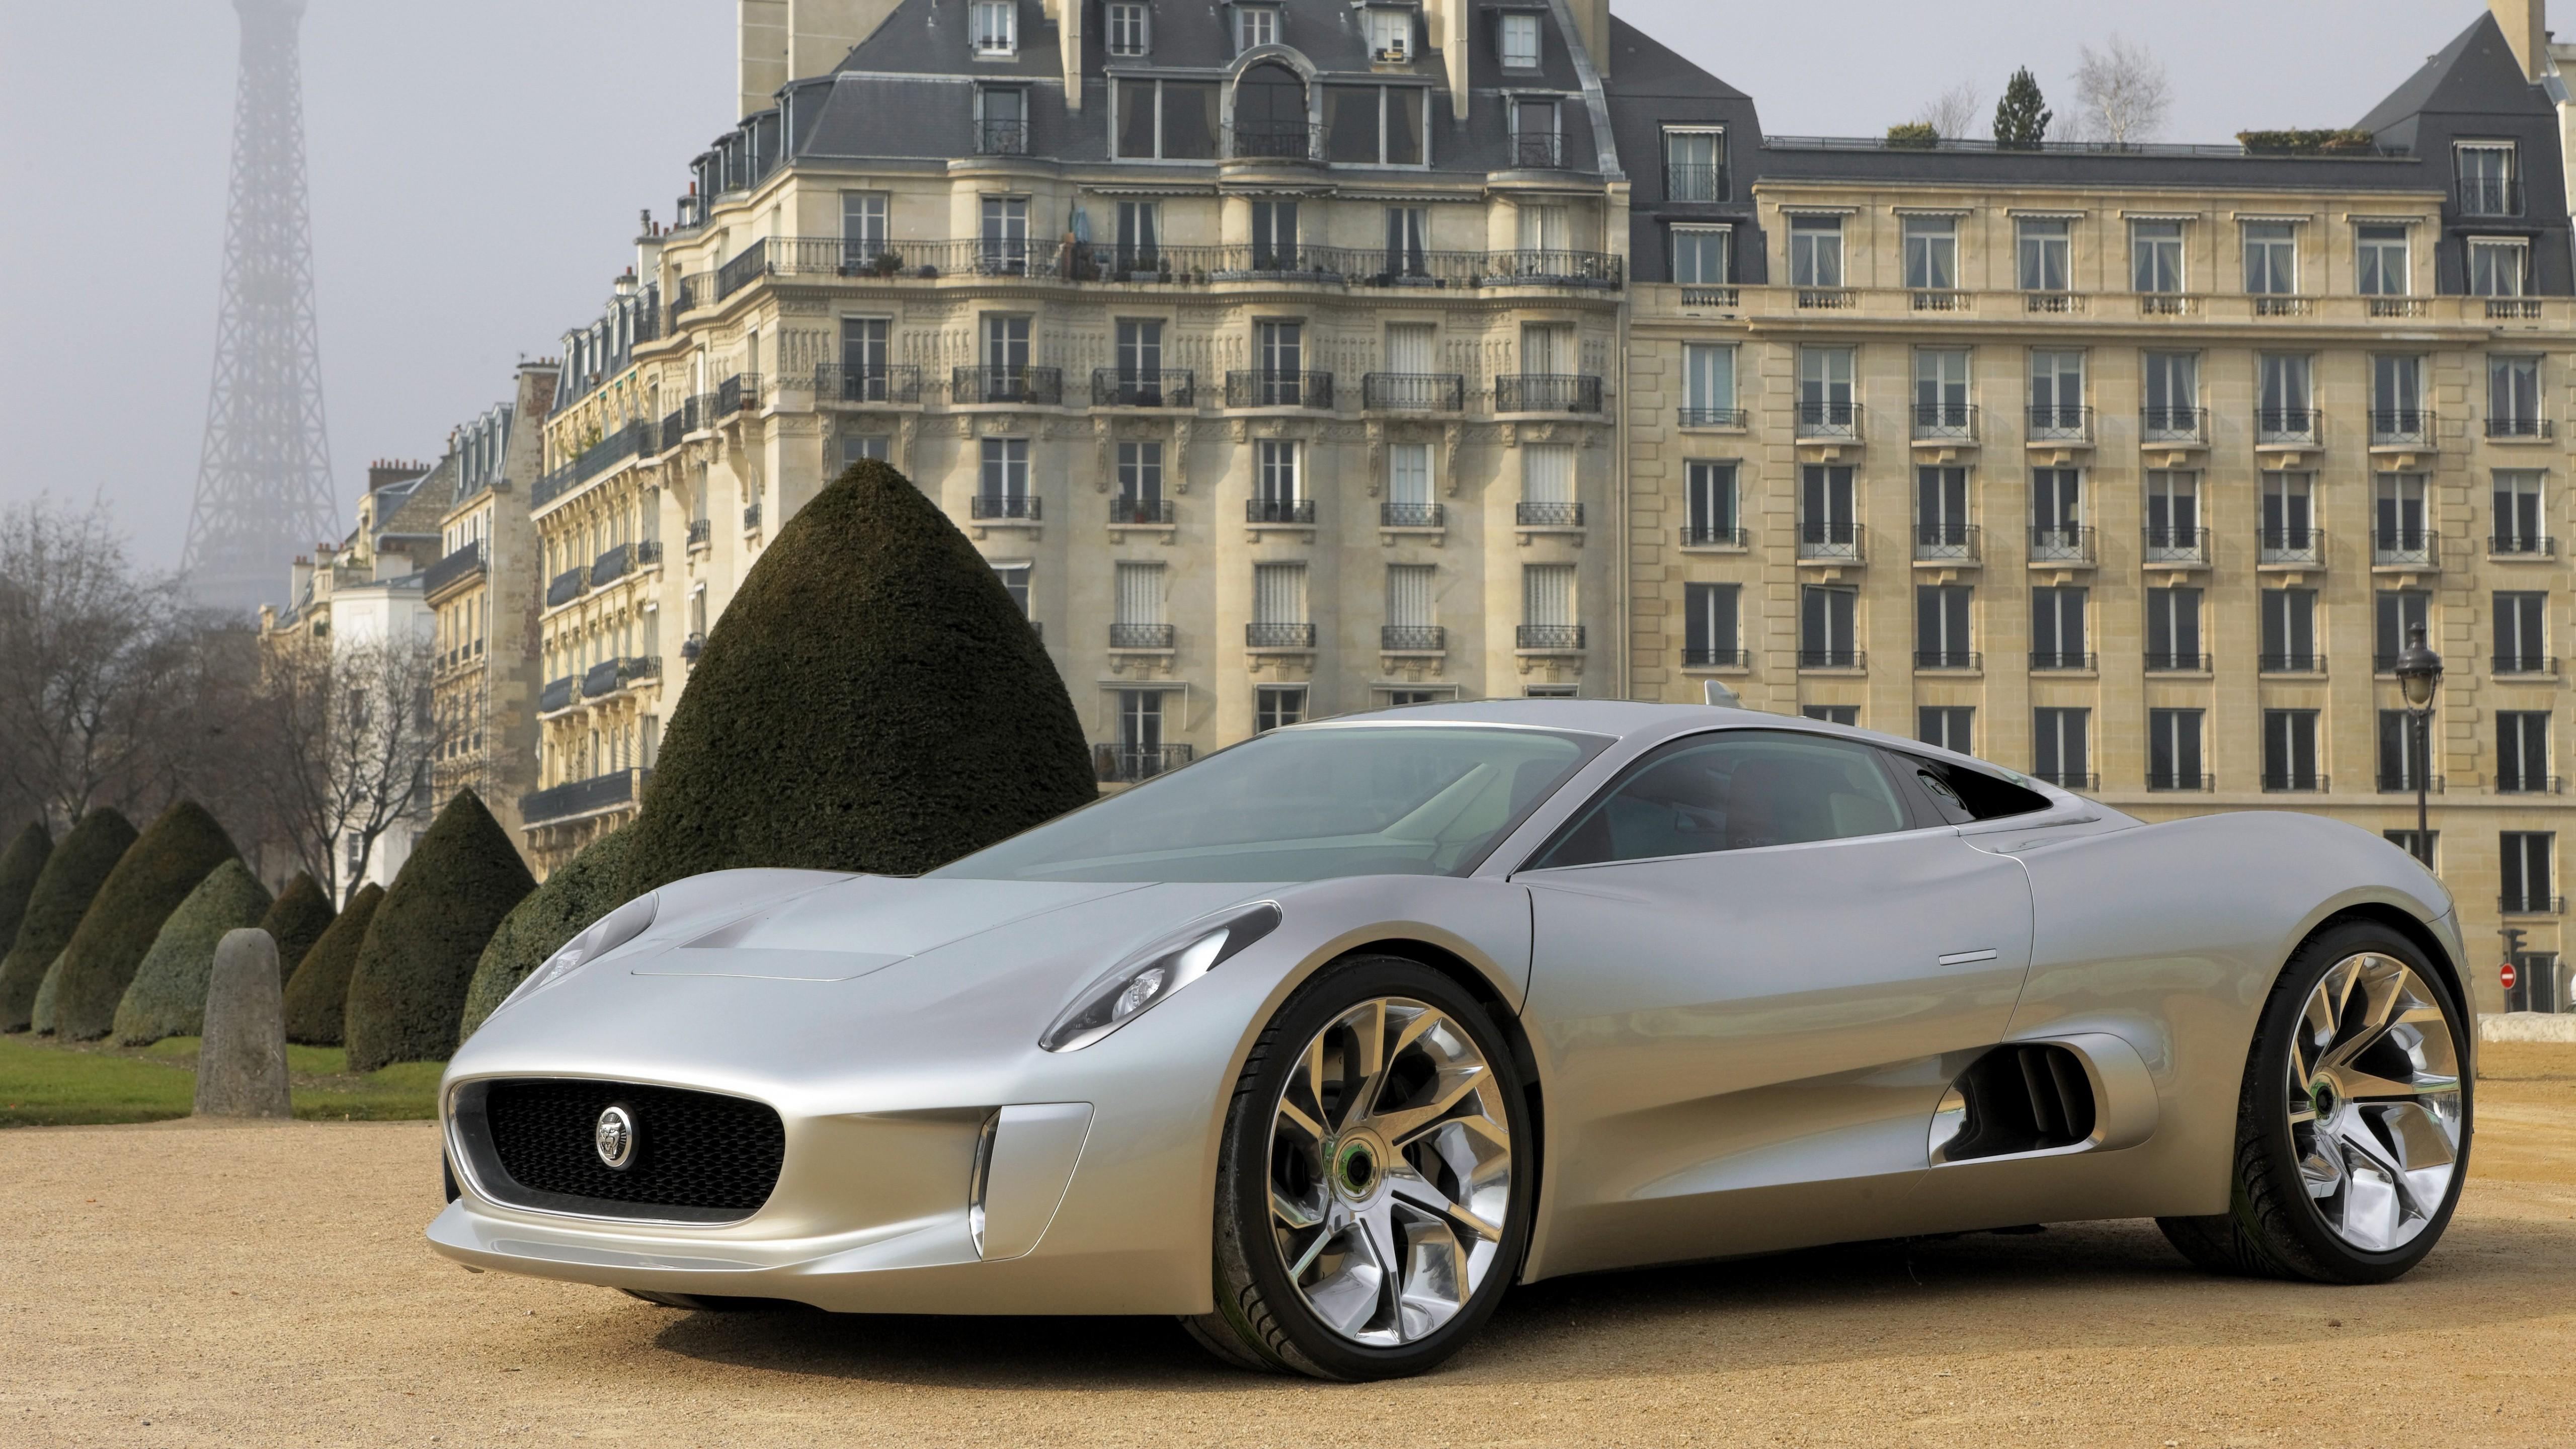 самые шикарные машины в мире фото